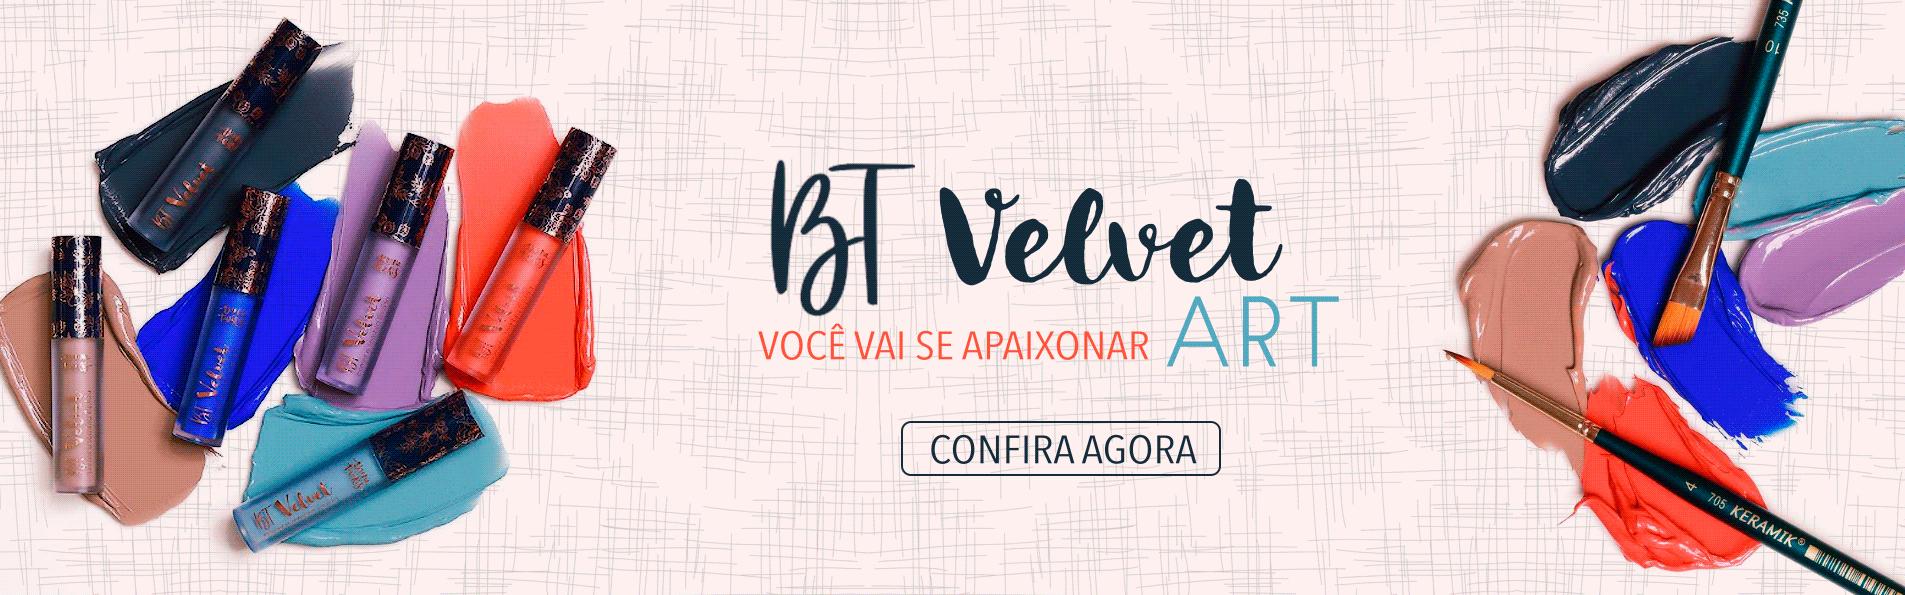 Velvete